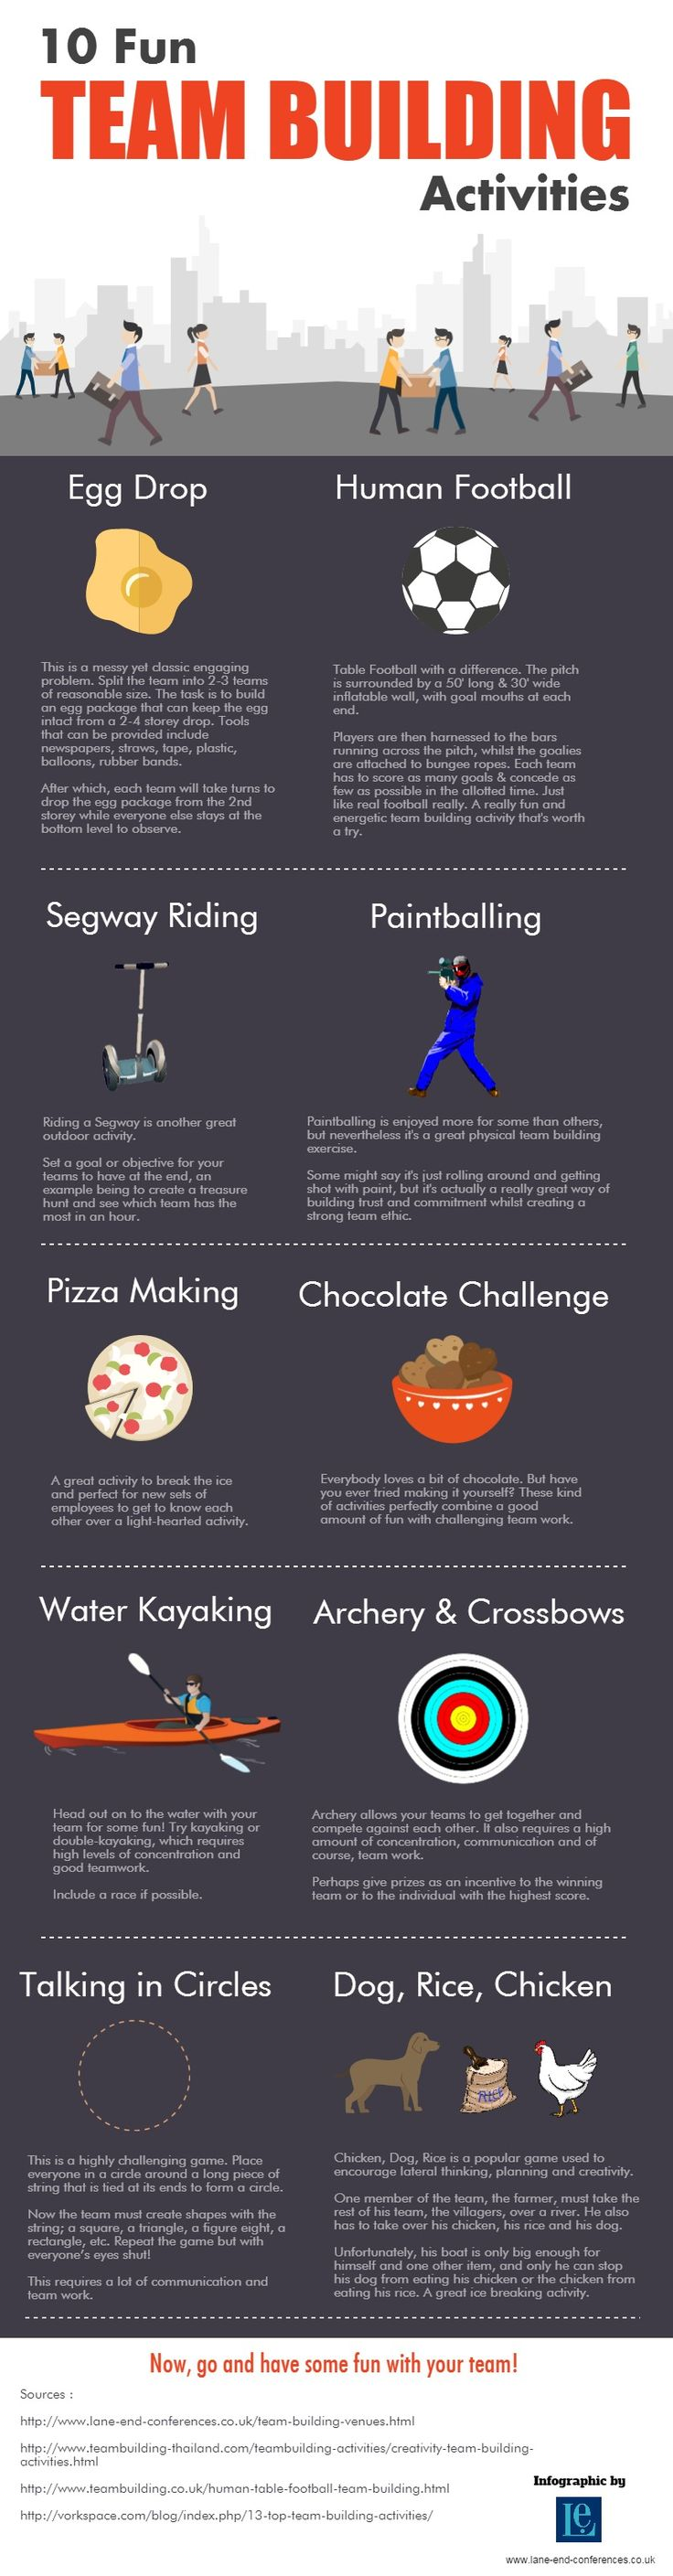 10 Fun Team Building Activities #infographic #TeamBuilding #Work